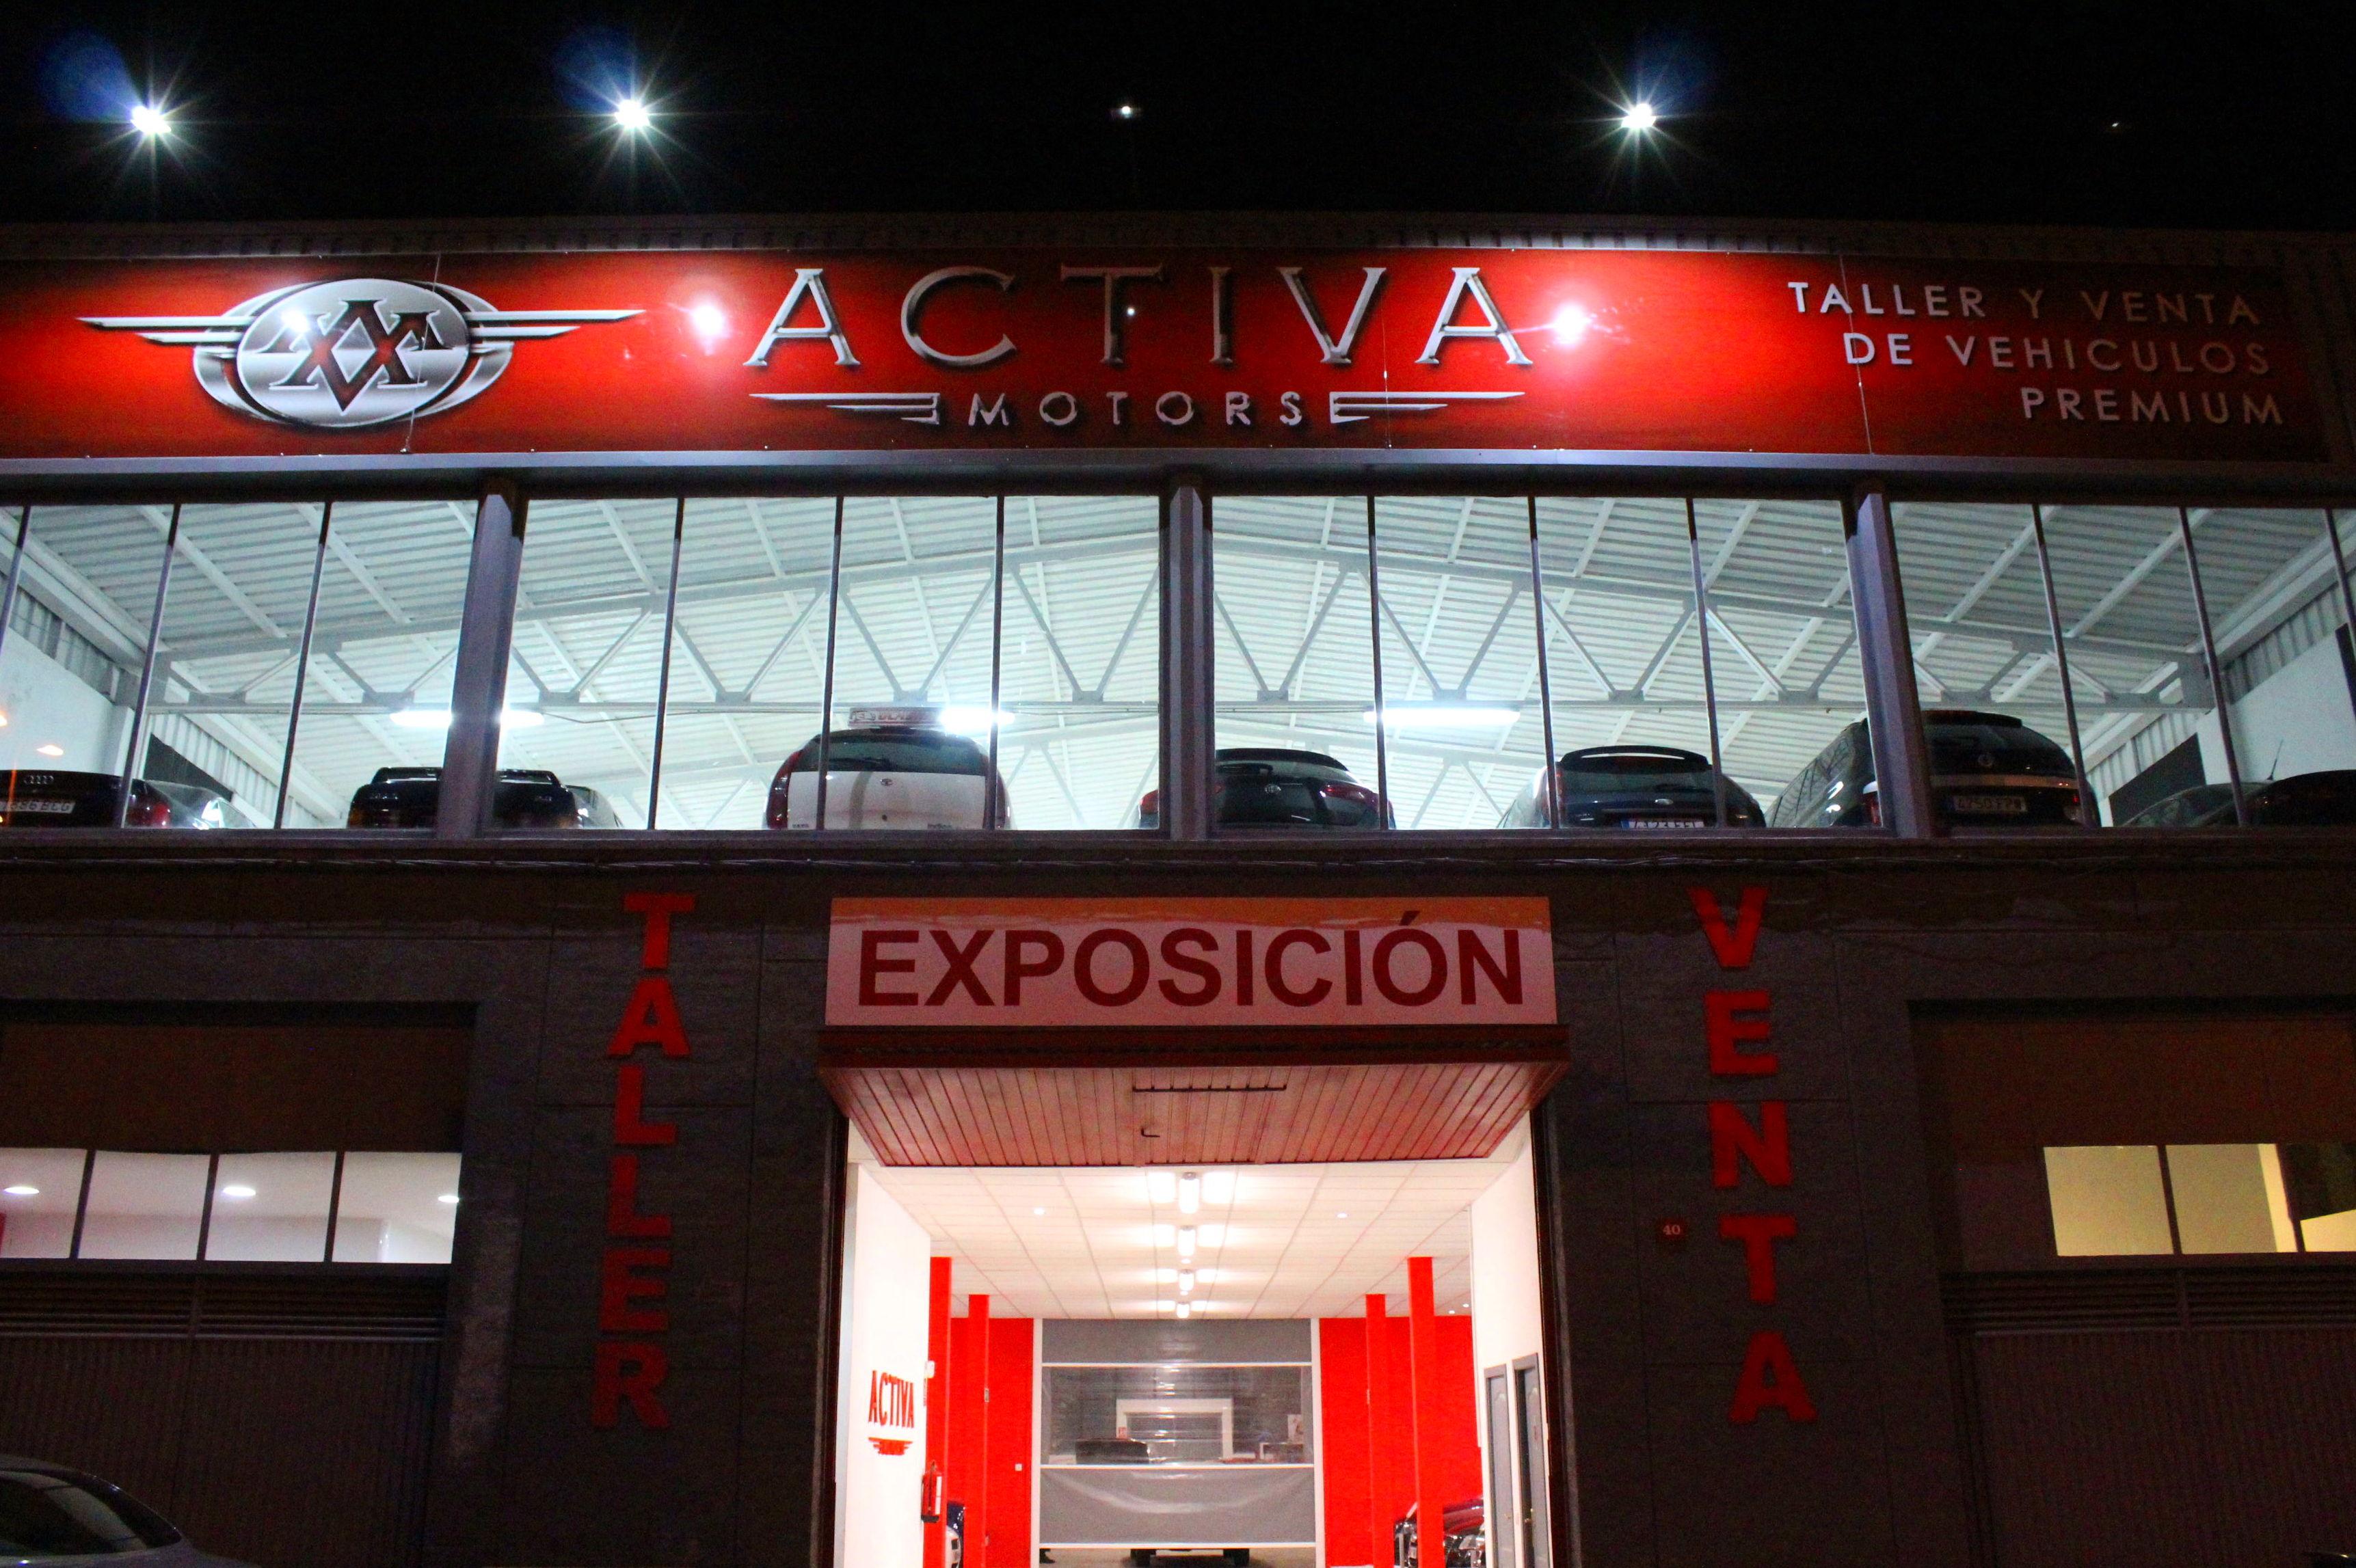 Foto 11 de Compraventa de automóviles en Humanes de Madrid | Activa Motors